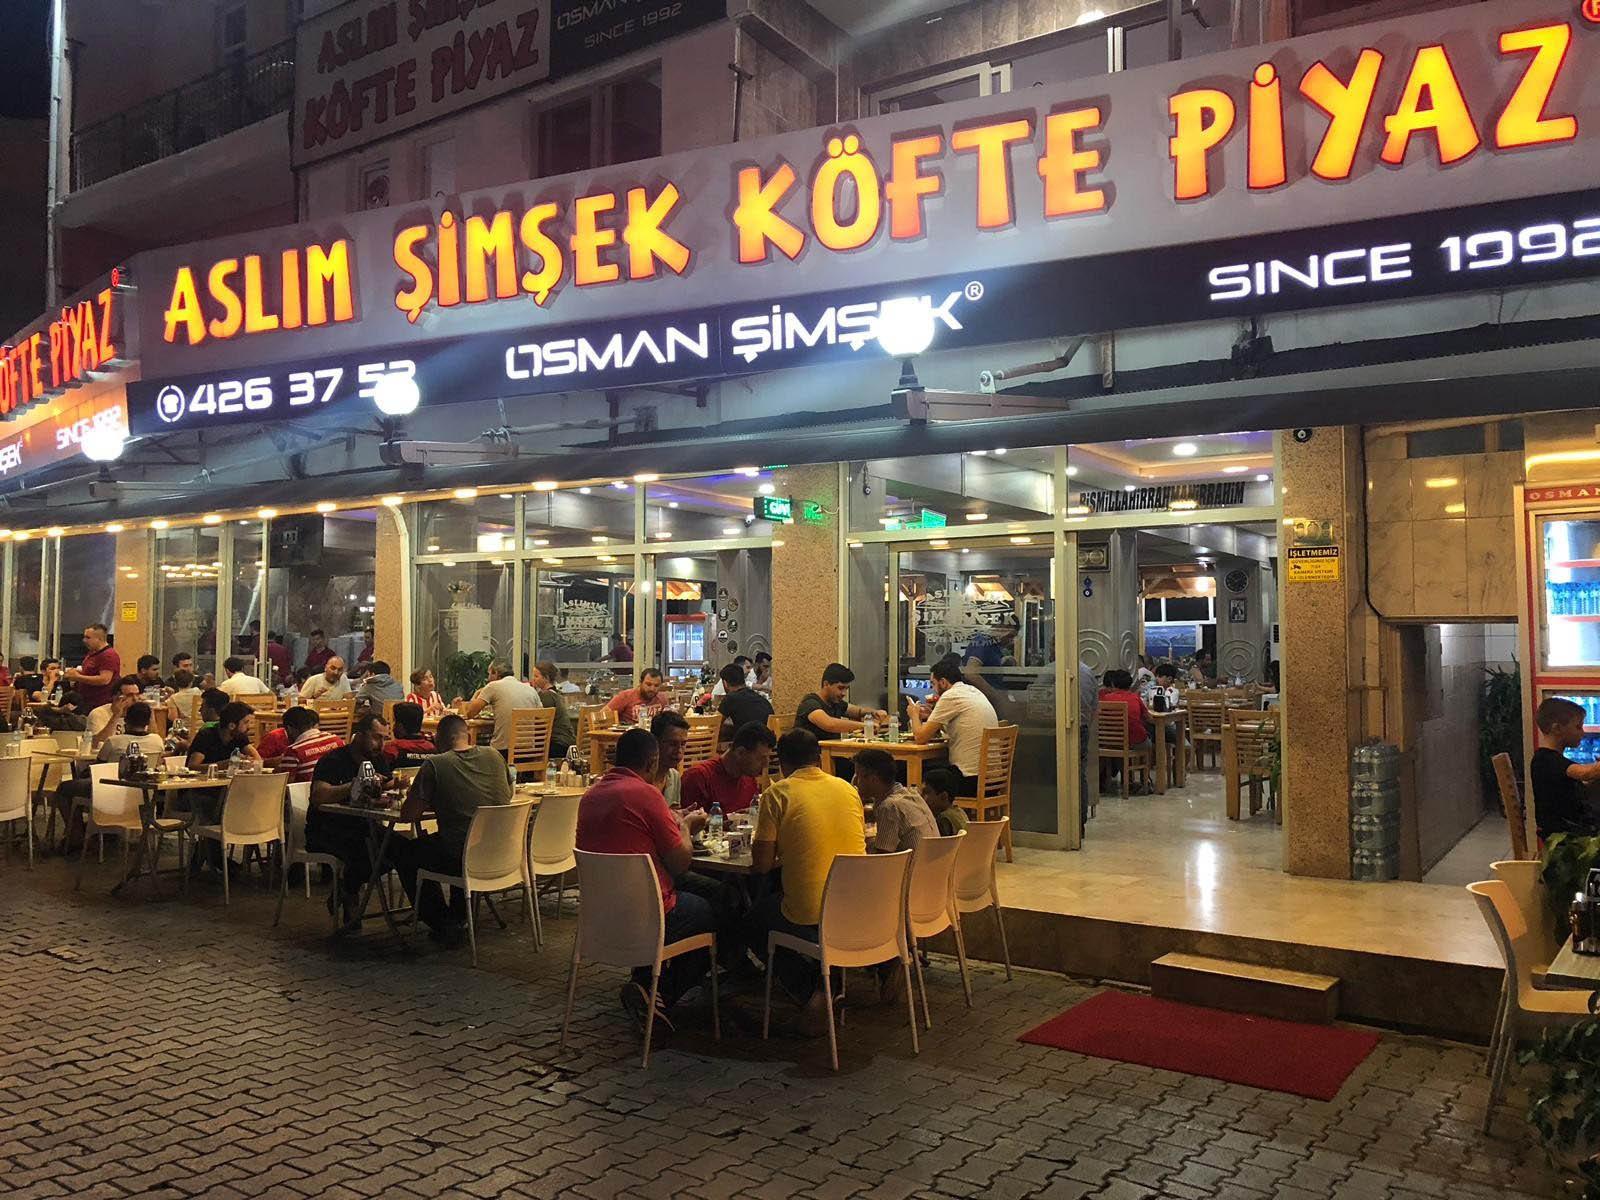 Aslım Şimşek Köfte Piyaz restaurantı